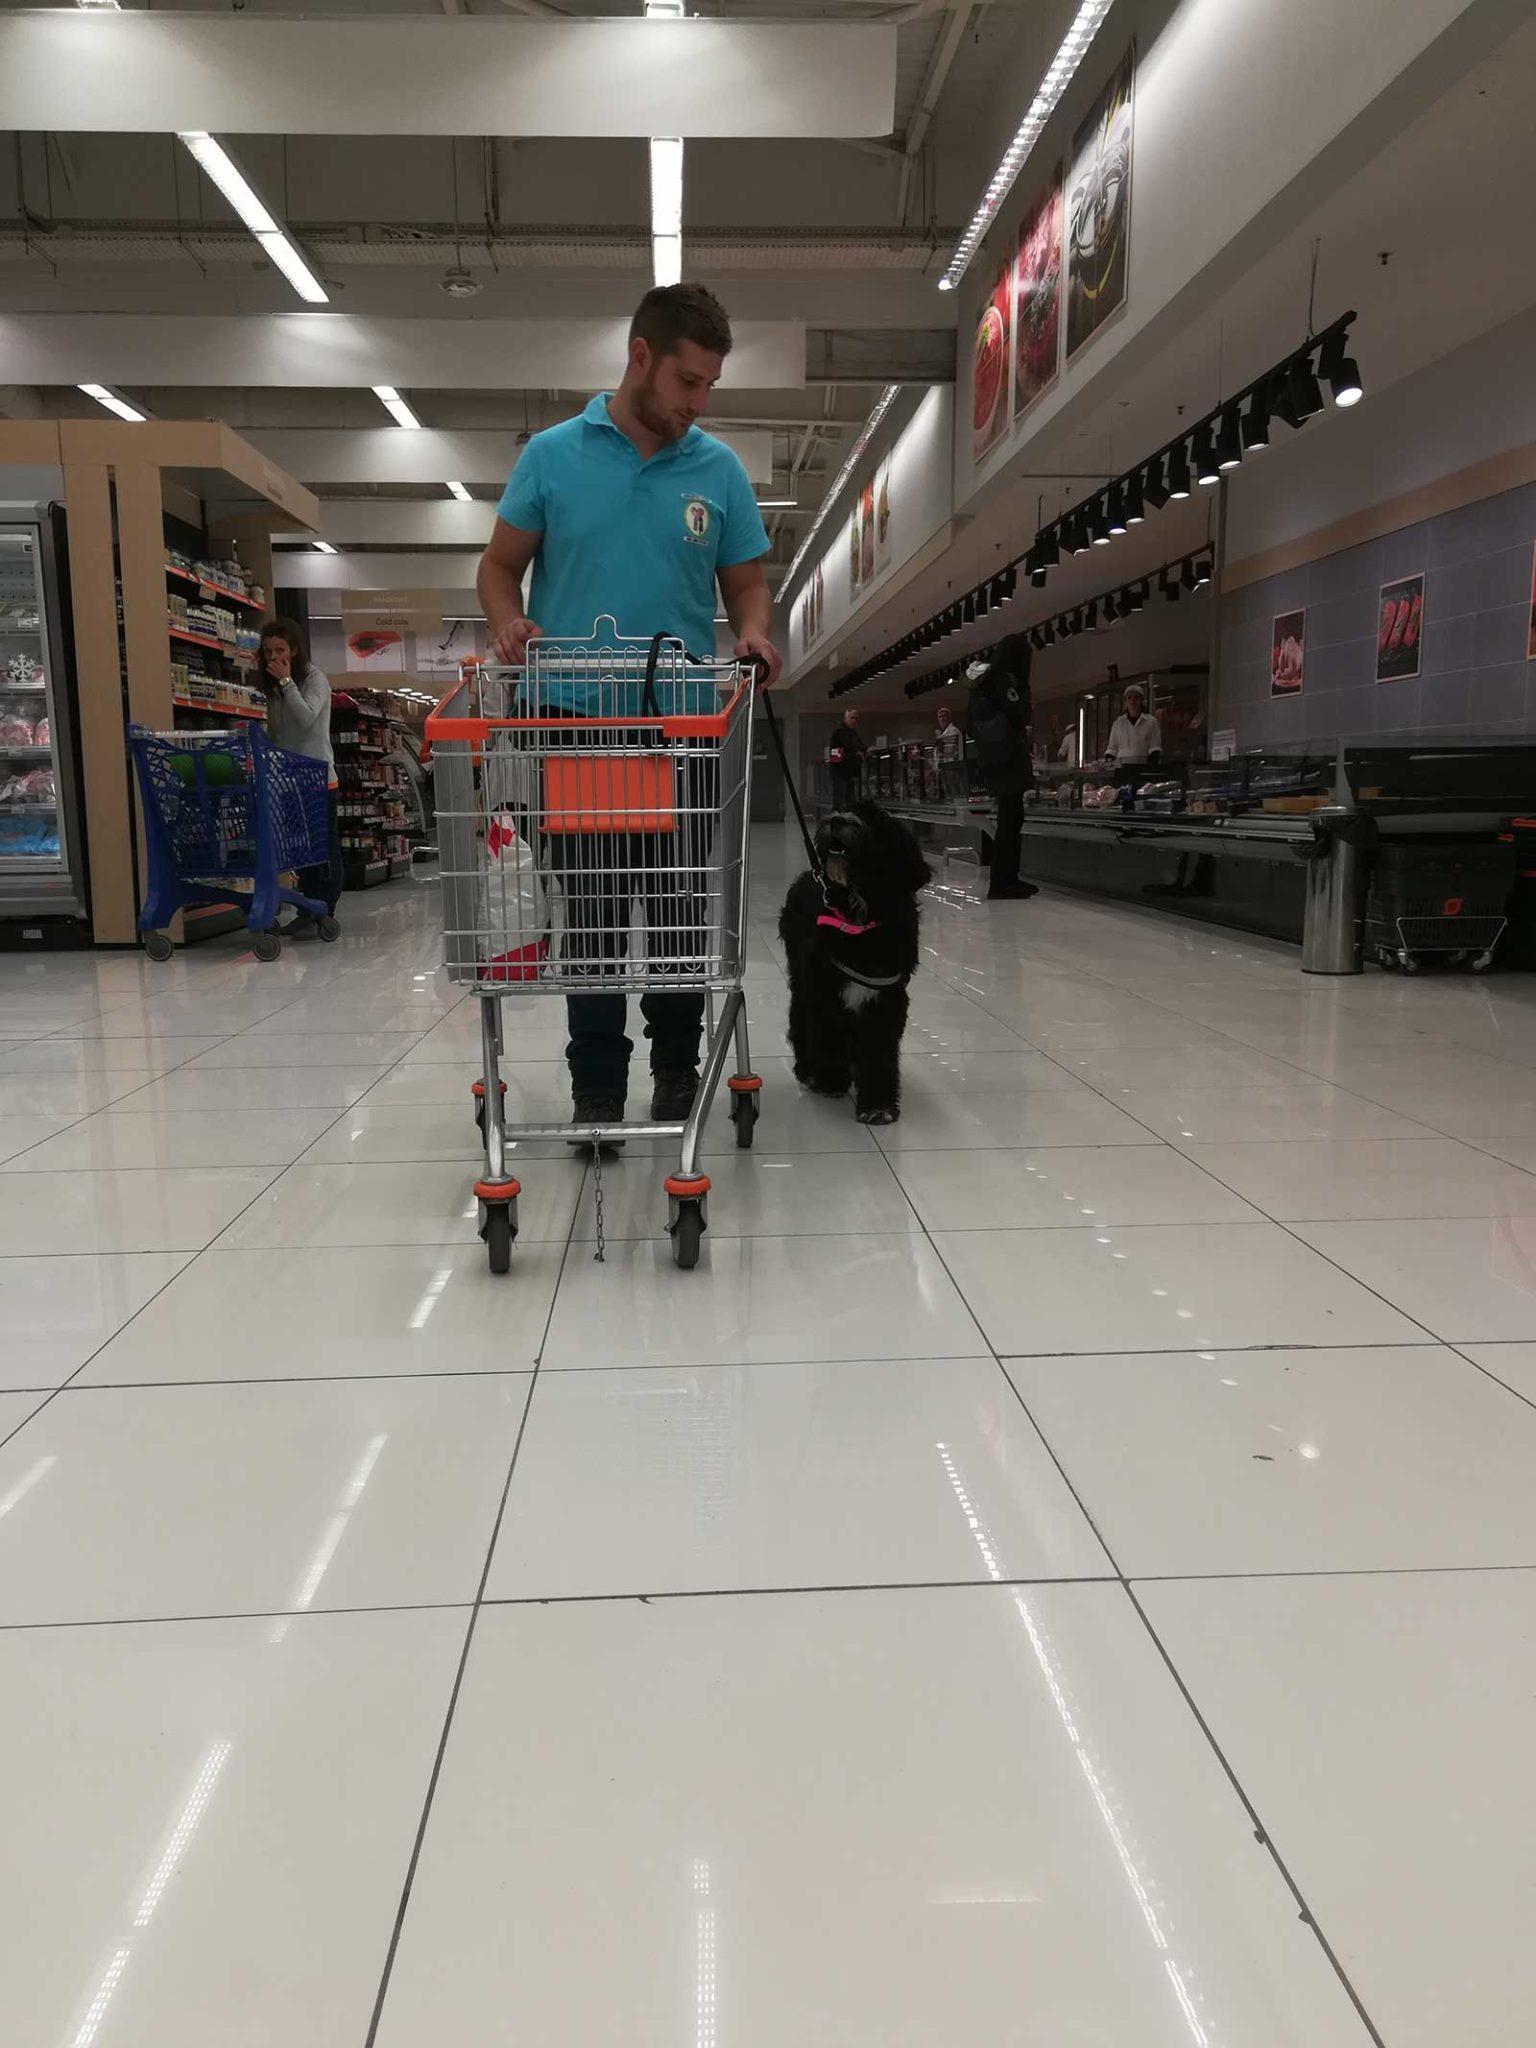 Σκύλος Βοηθός με εκπαιδευτή στο super market